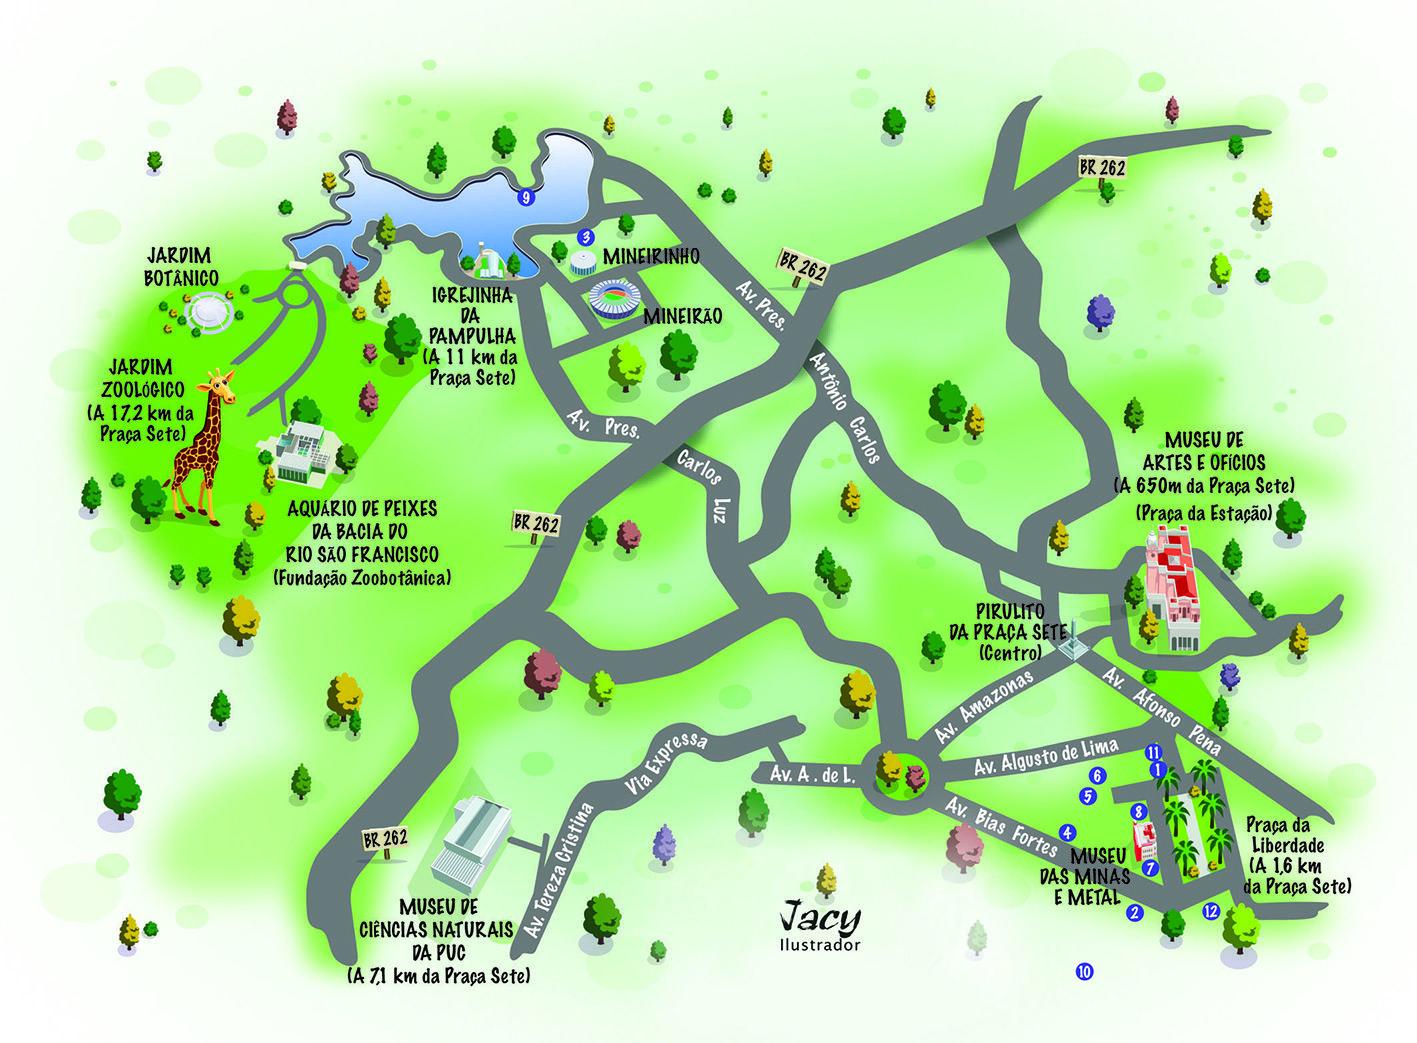 Mapa de localizao com alguns pontos tursticos de Belo Horizonte